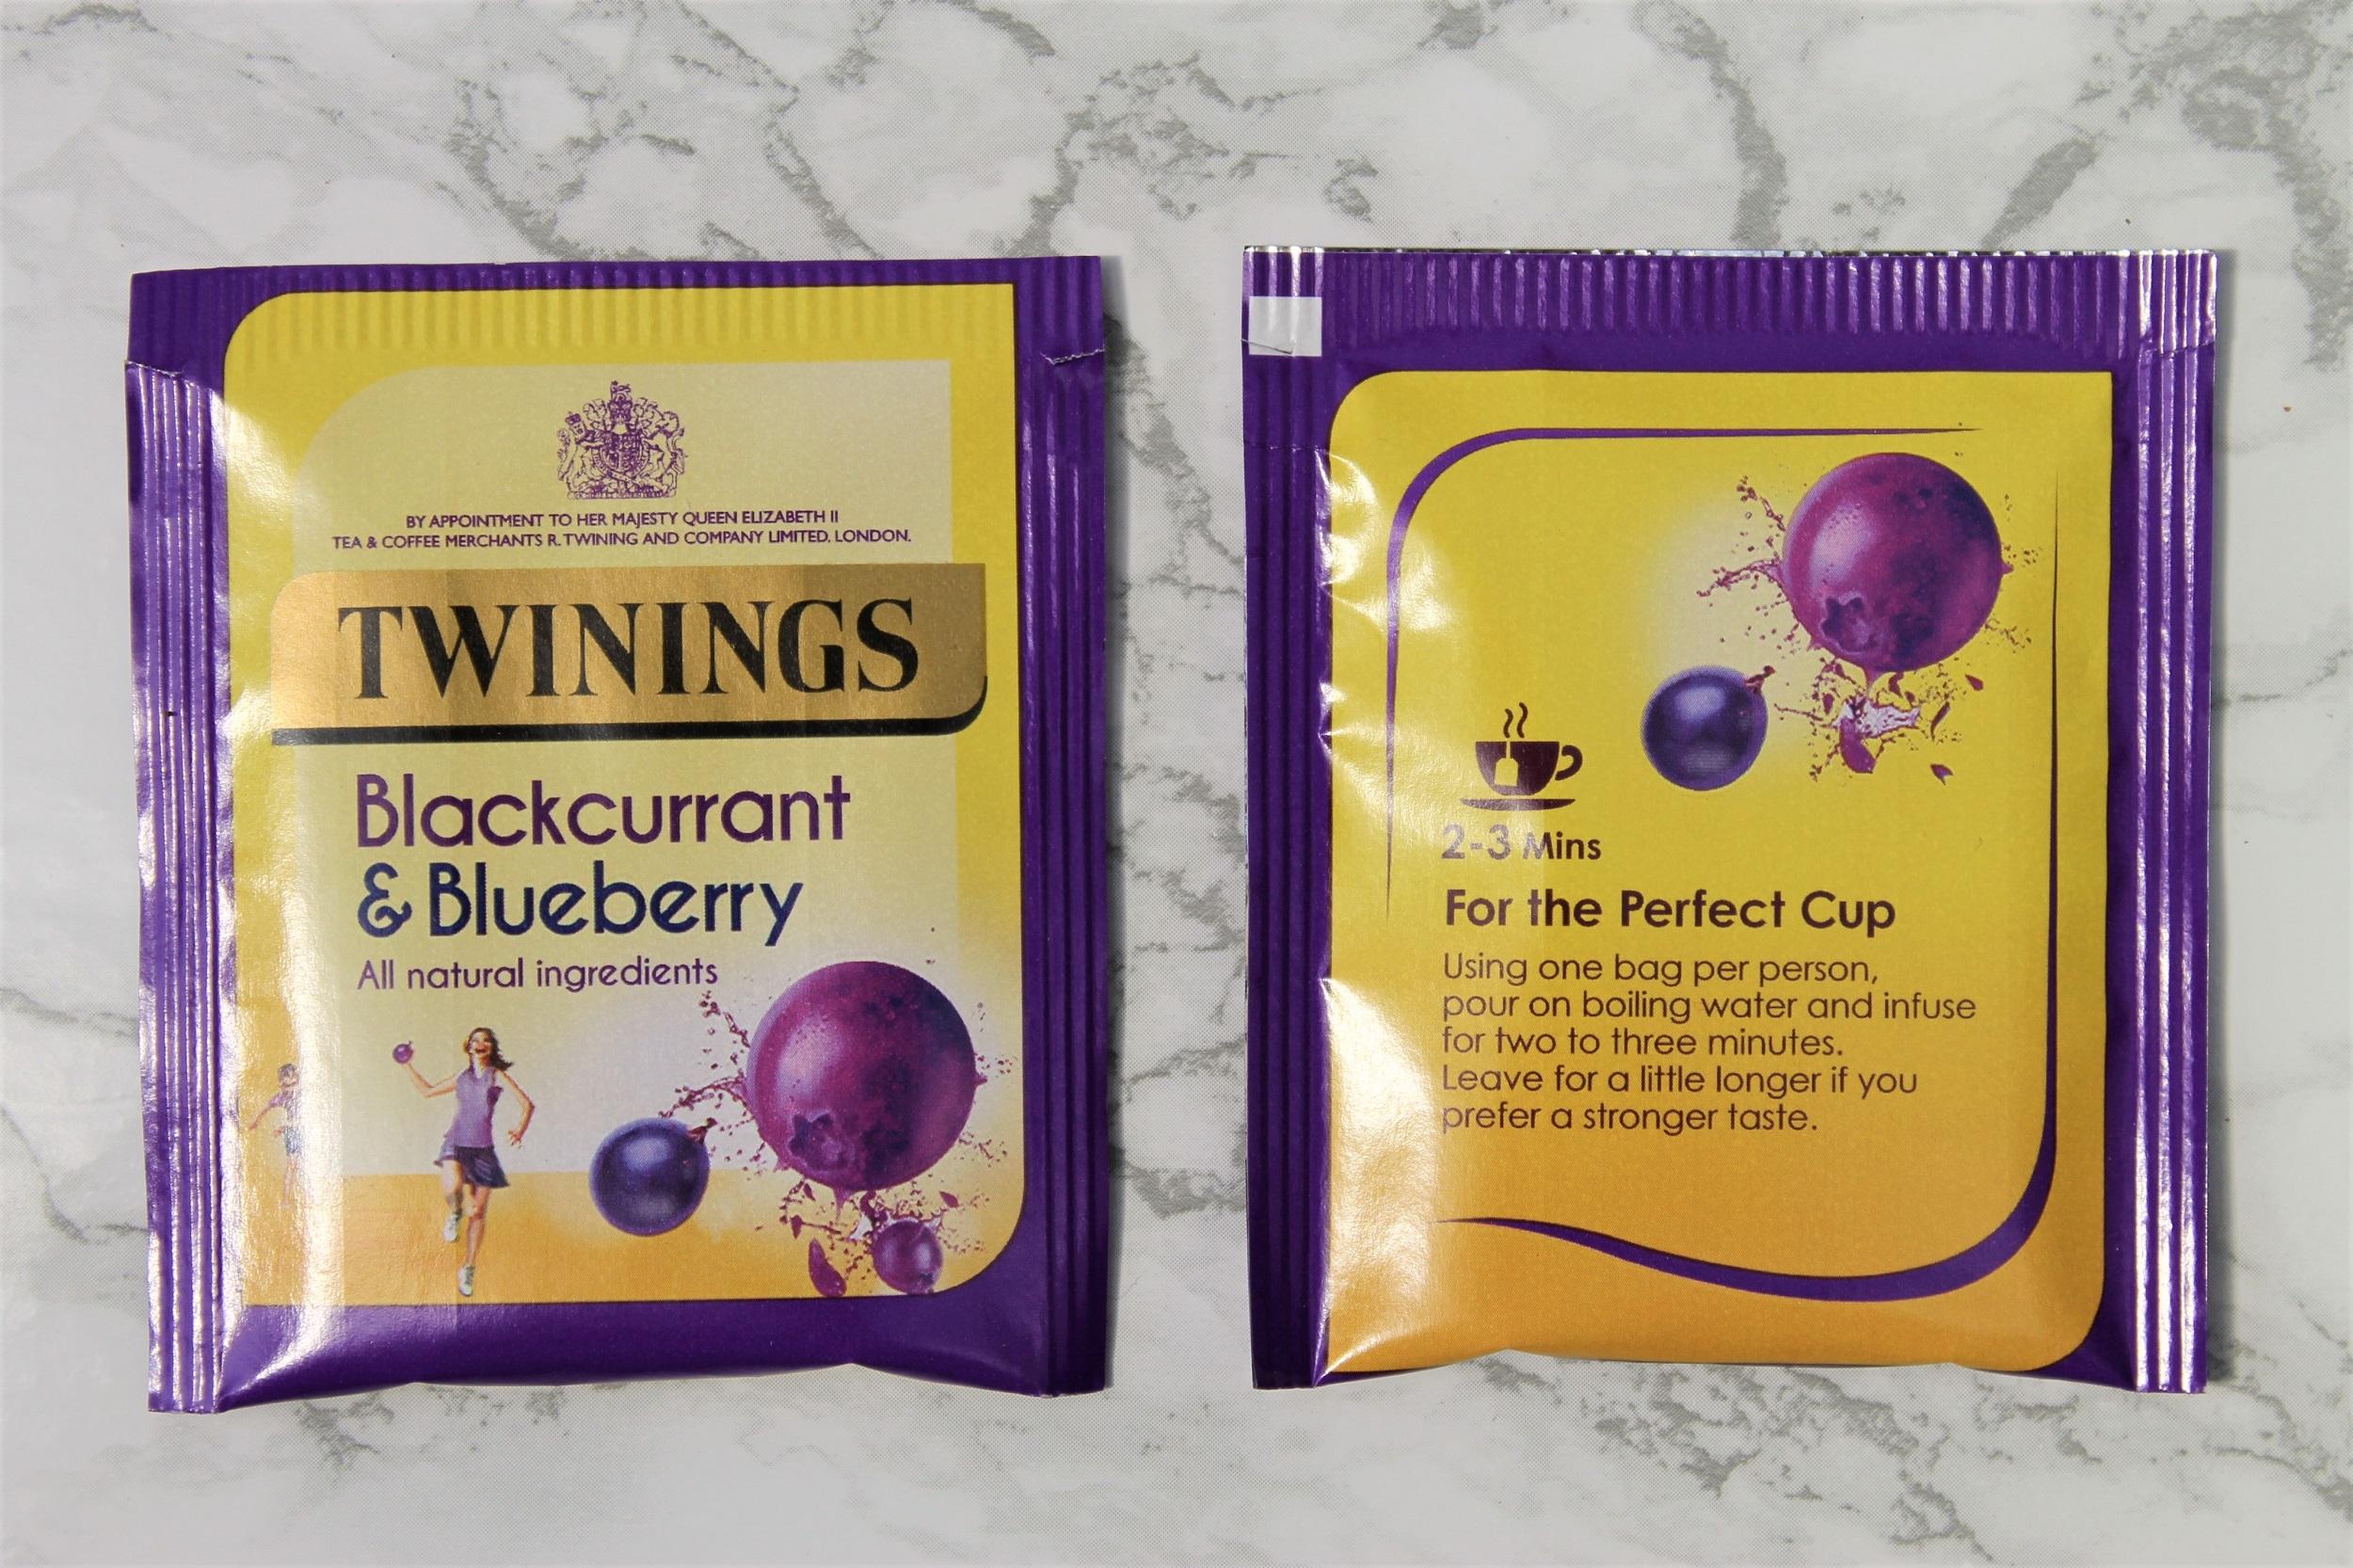 blueberry blackberry teabags